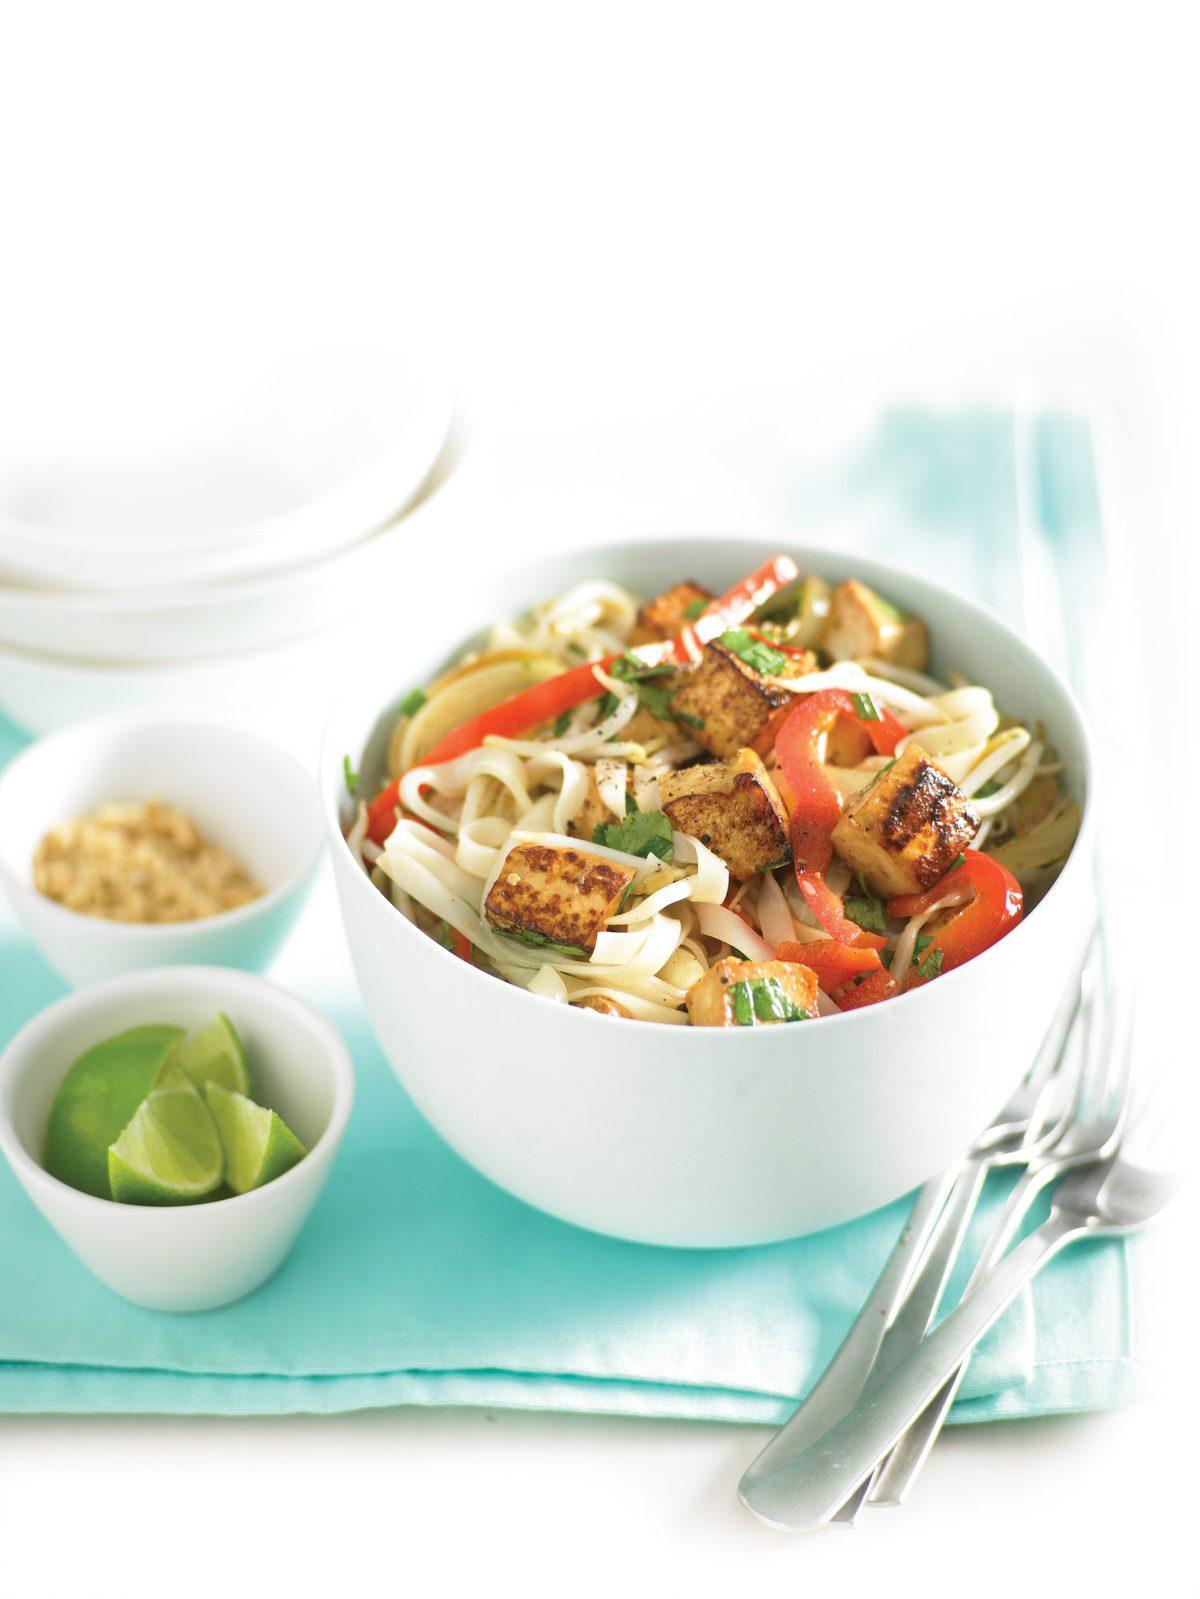 Vegetarian pad thai healthy food guide vegetarian pad thai forumfinder Gallery